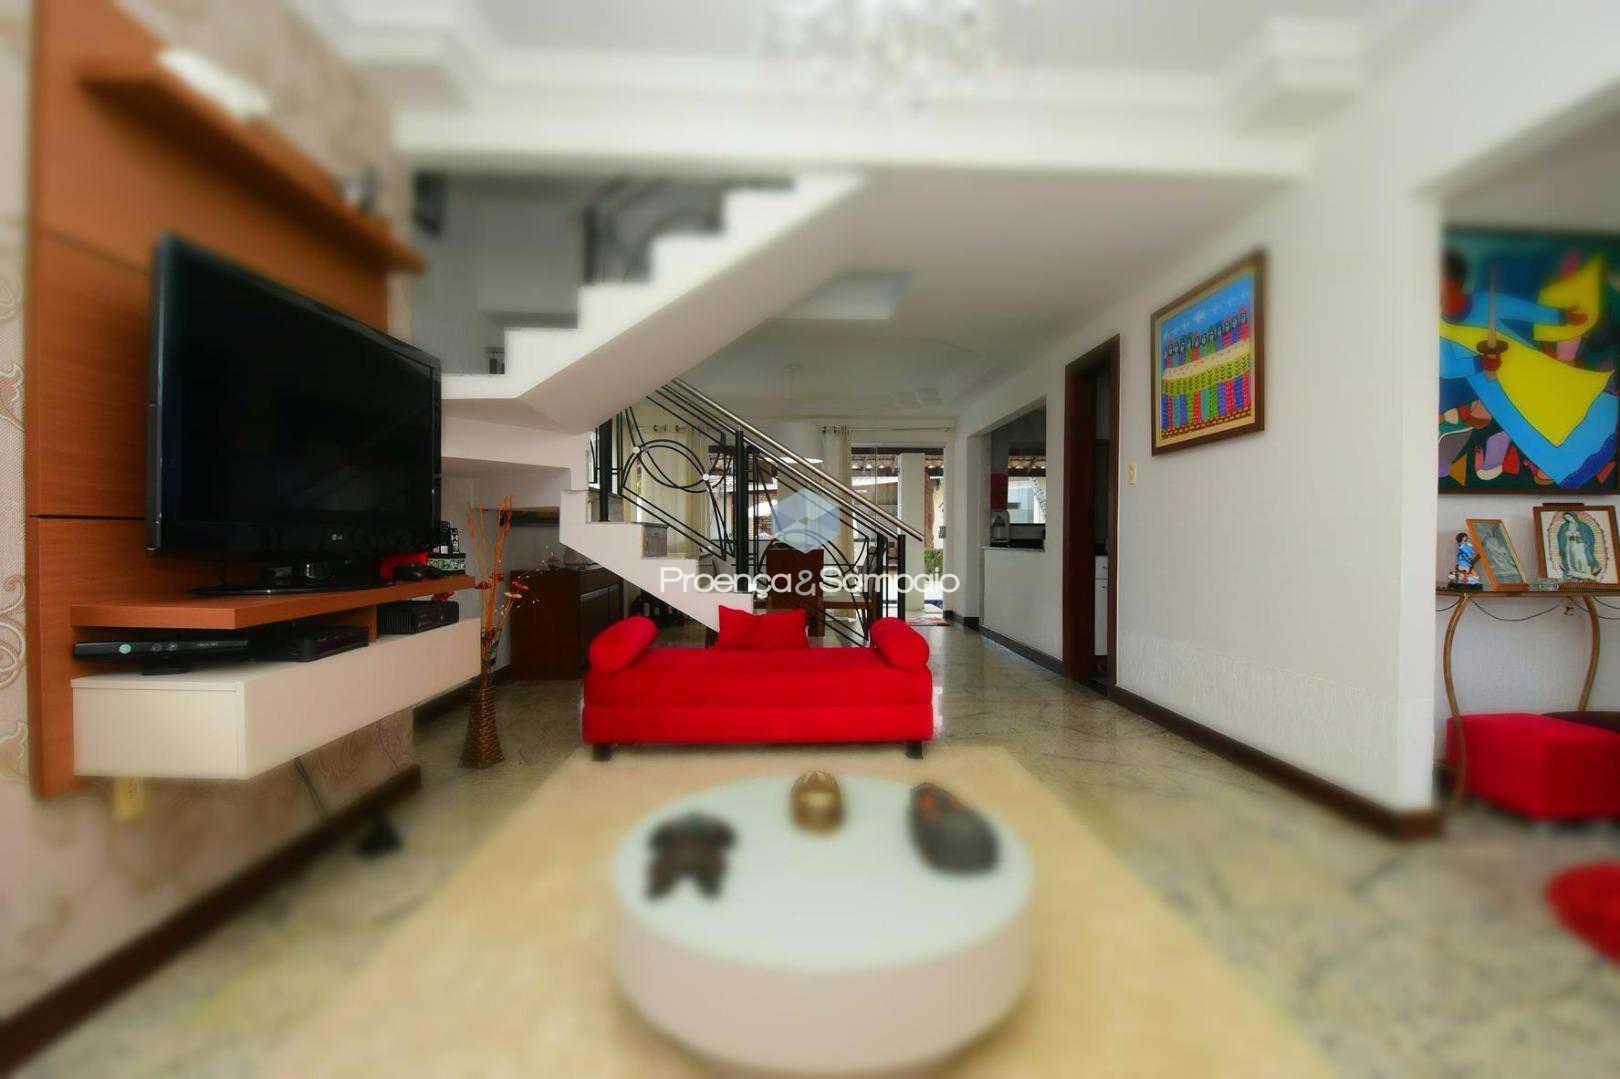 FOTO9 - Casa em Condomínio 4 quartos à venda Lauro de Freitas,BA - R$ 870.000 - PSCN40007 - 11